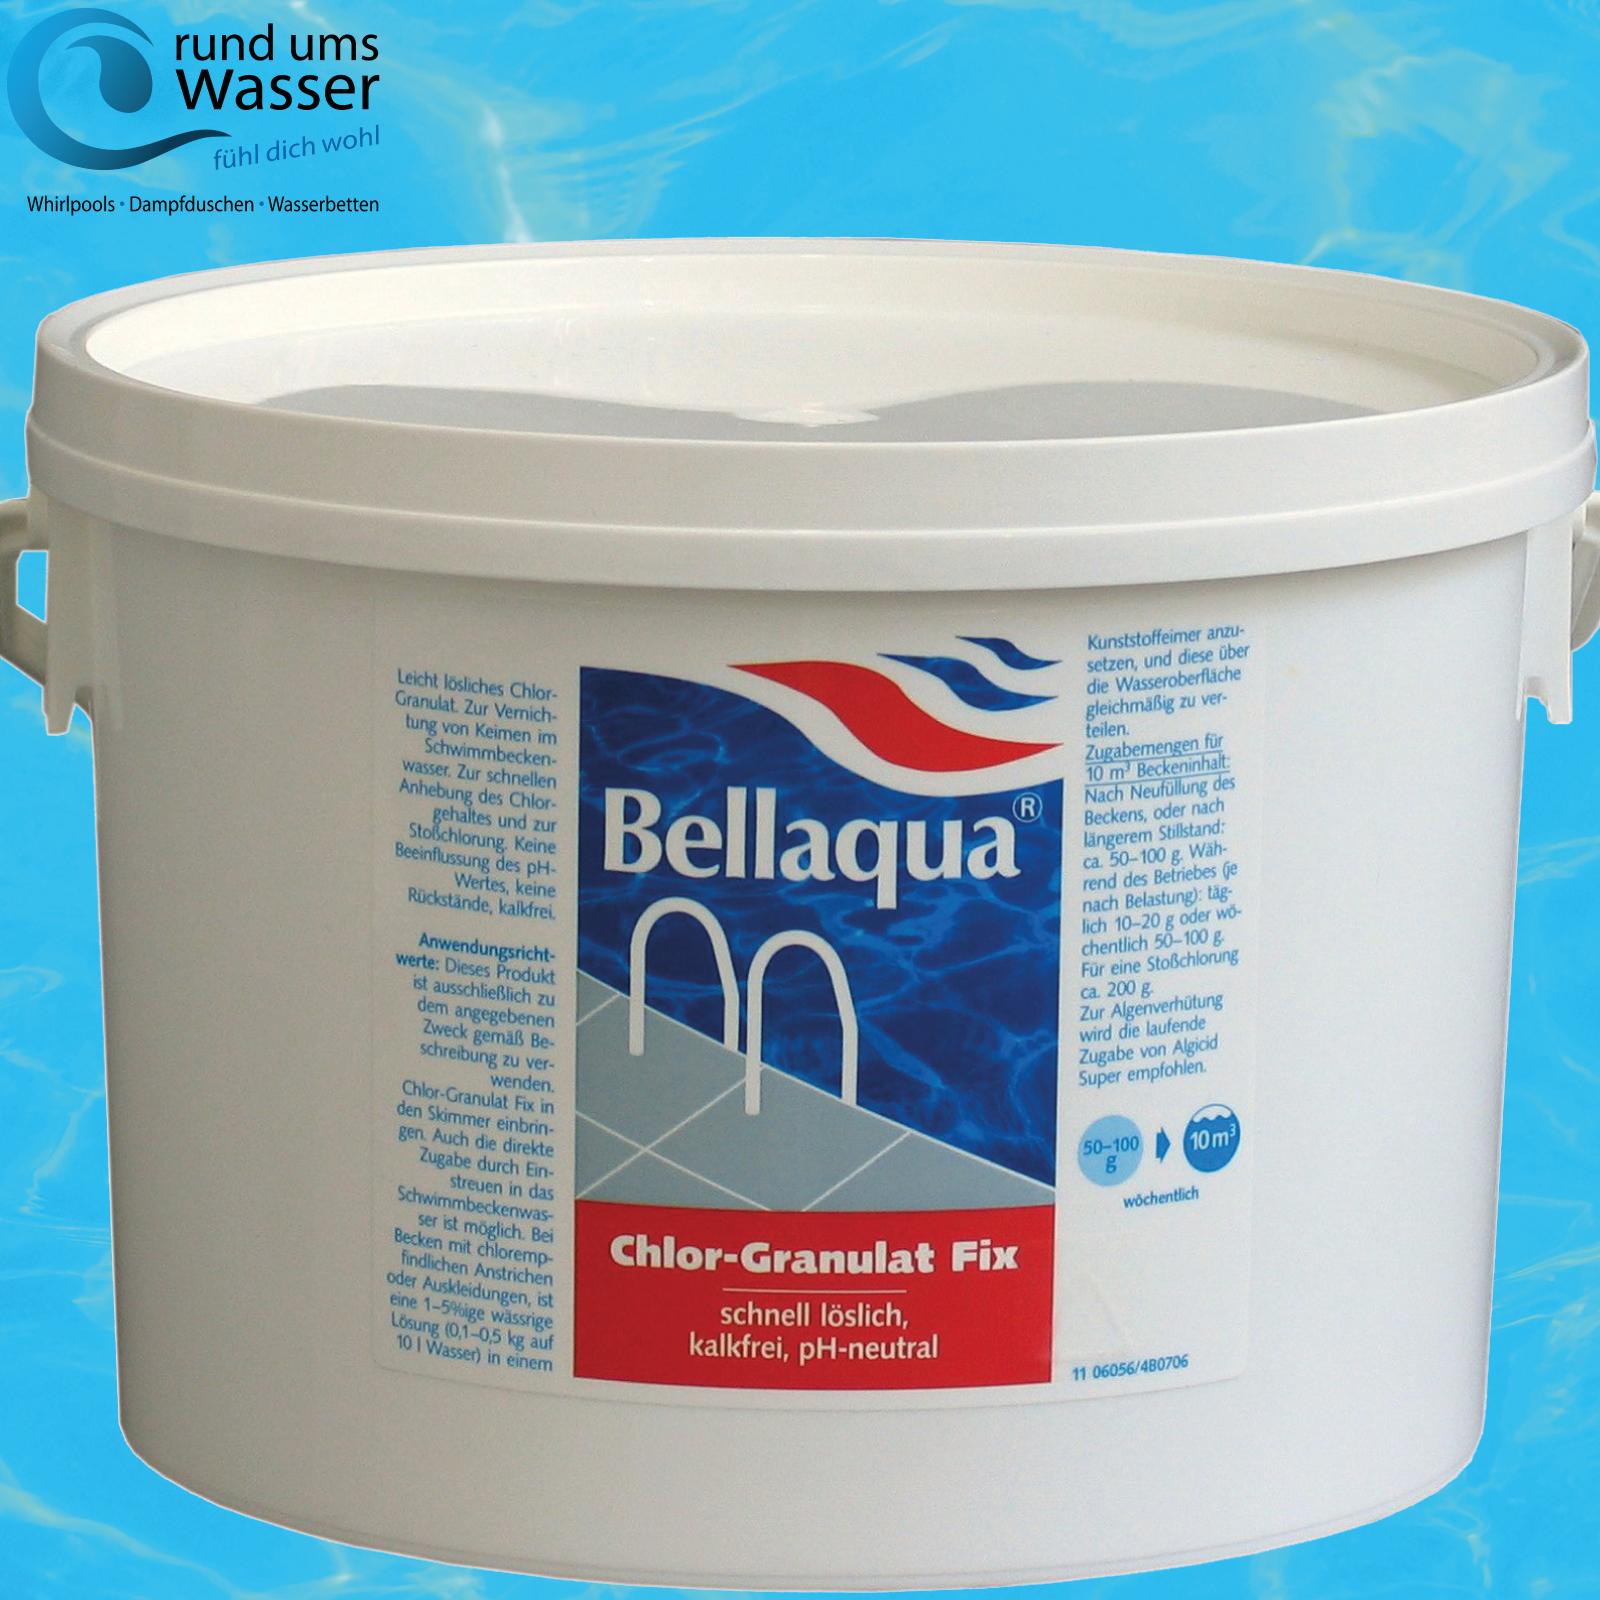 bellaqua chlor granulat fix 3kg schnell l slich pool schwimmbad chlorung bayrol ebay. Black Bedroom Furniture Sets. Home Design Ideas